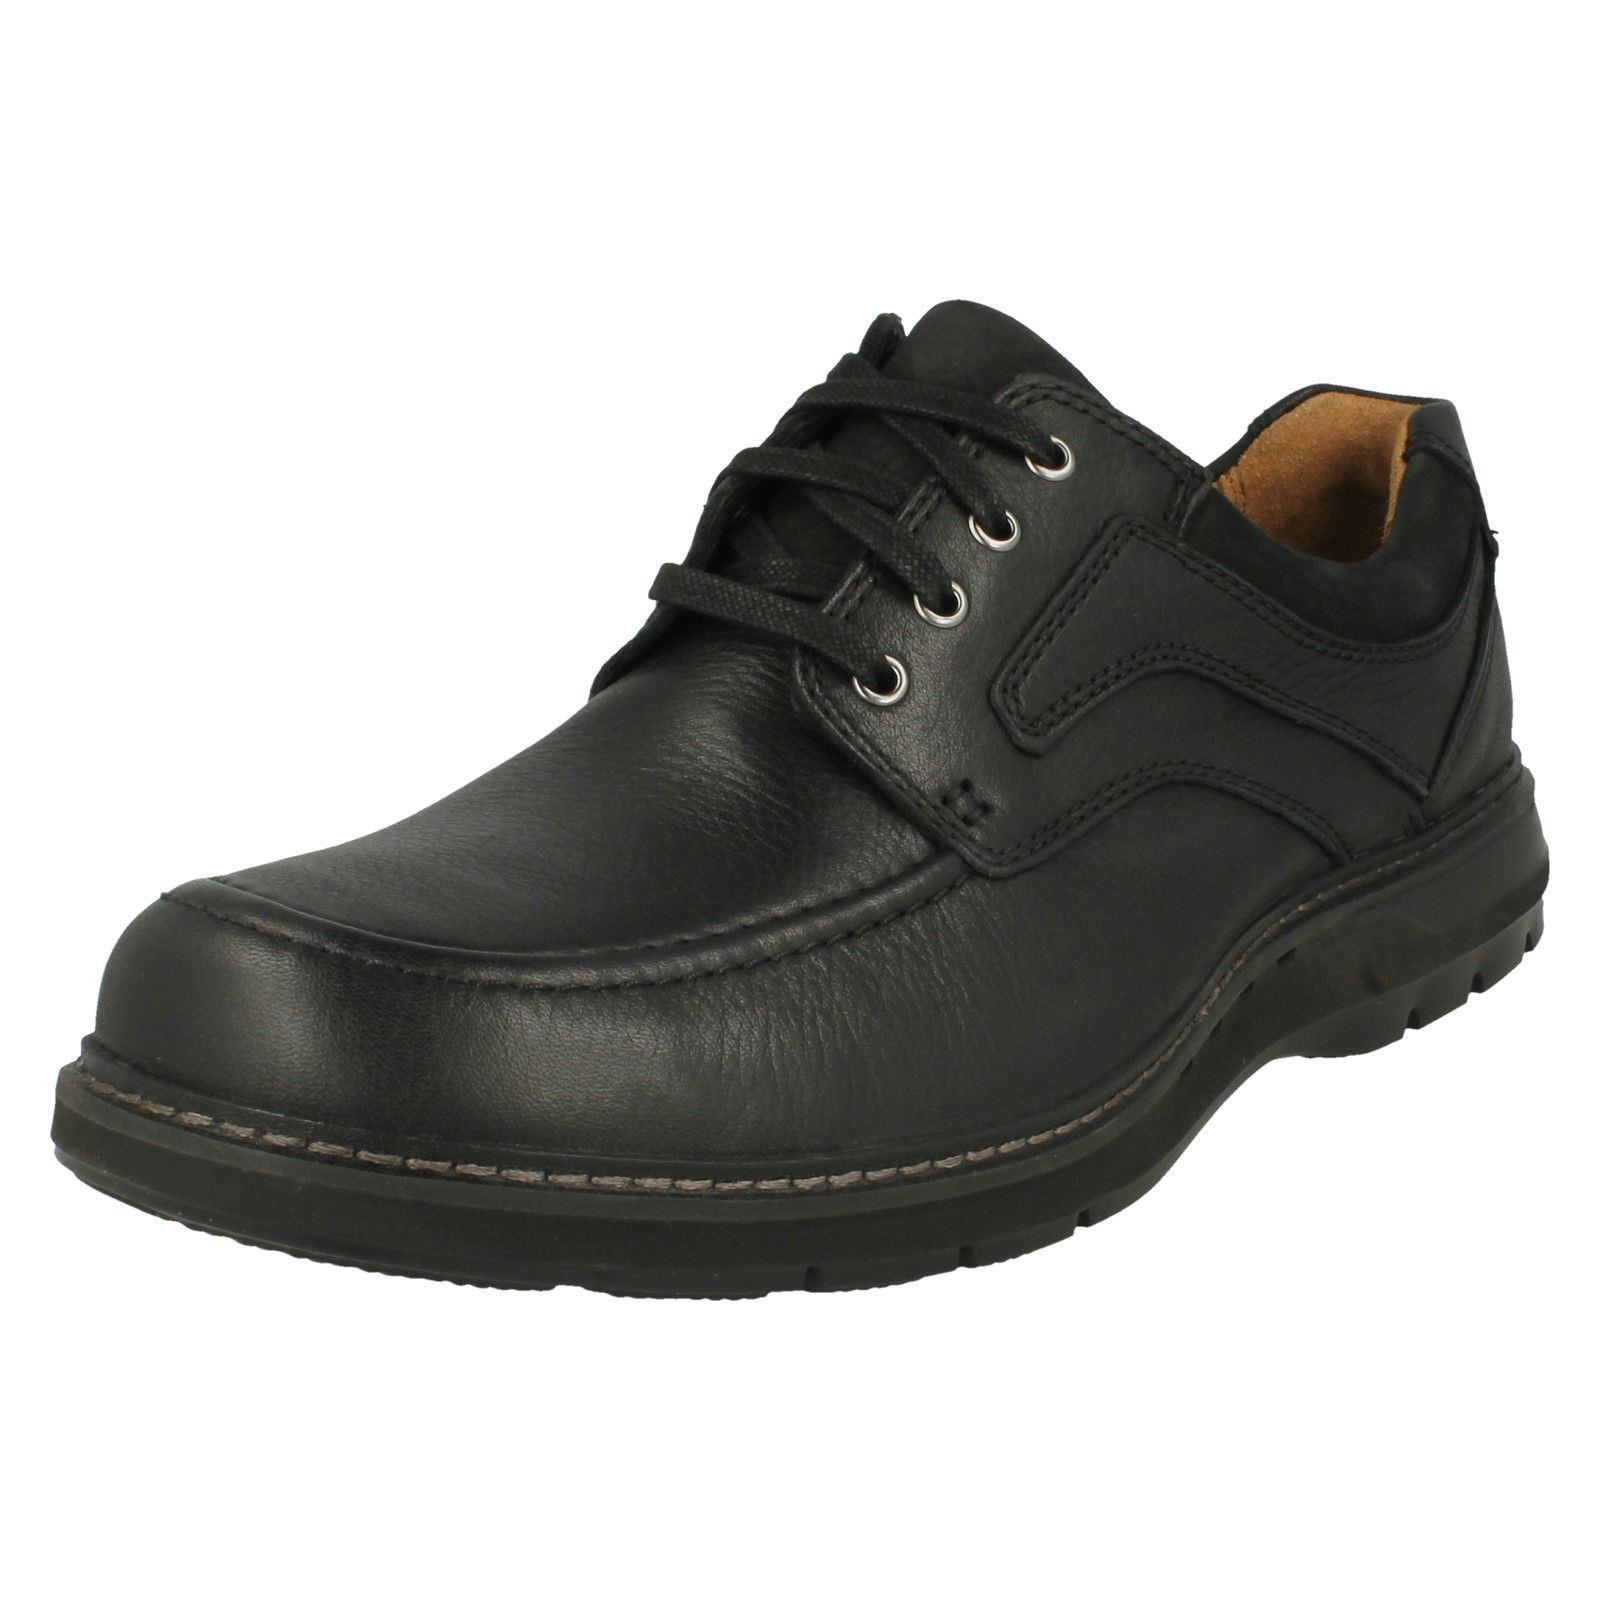 Uomo  Clarks Lace Up Schuhes  Uomo Un Ramble Lace  2951e3